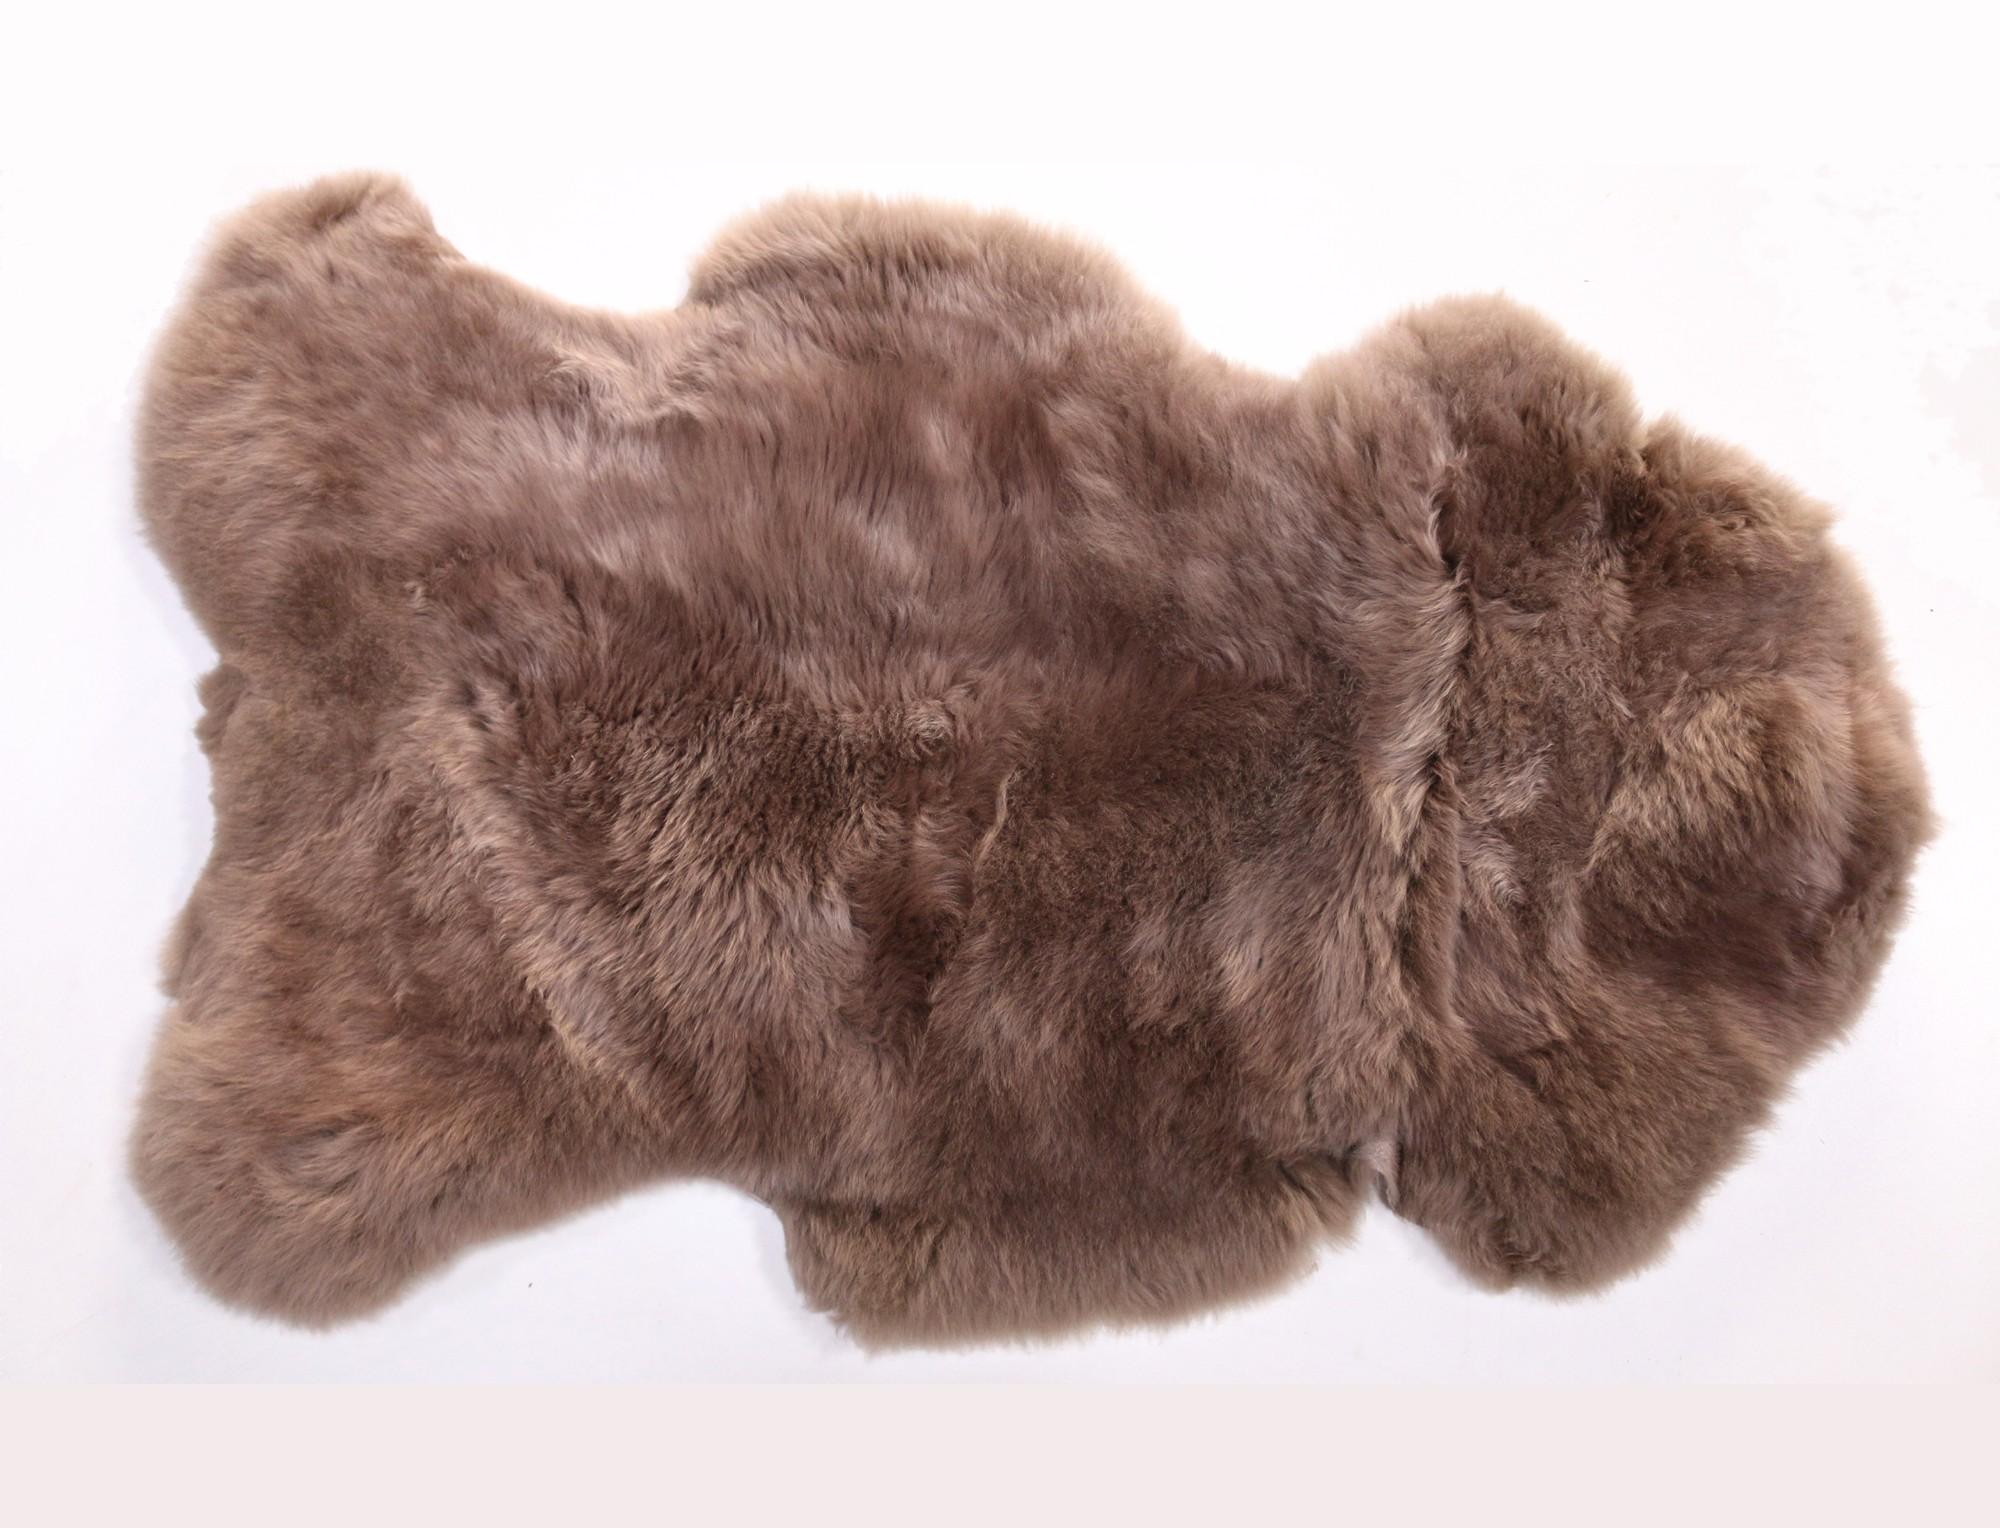 peau-de-mouton-teinte-greige Meilleur De De Leroy Merlin Parasol Des Idées